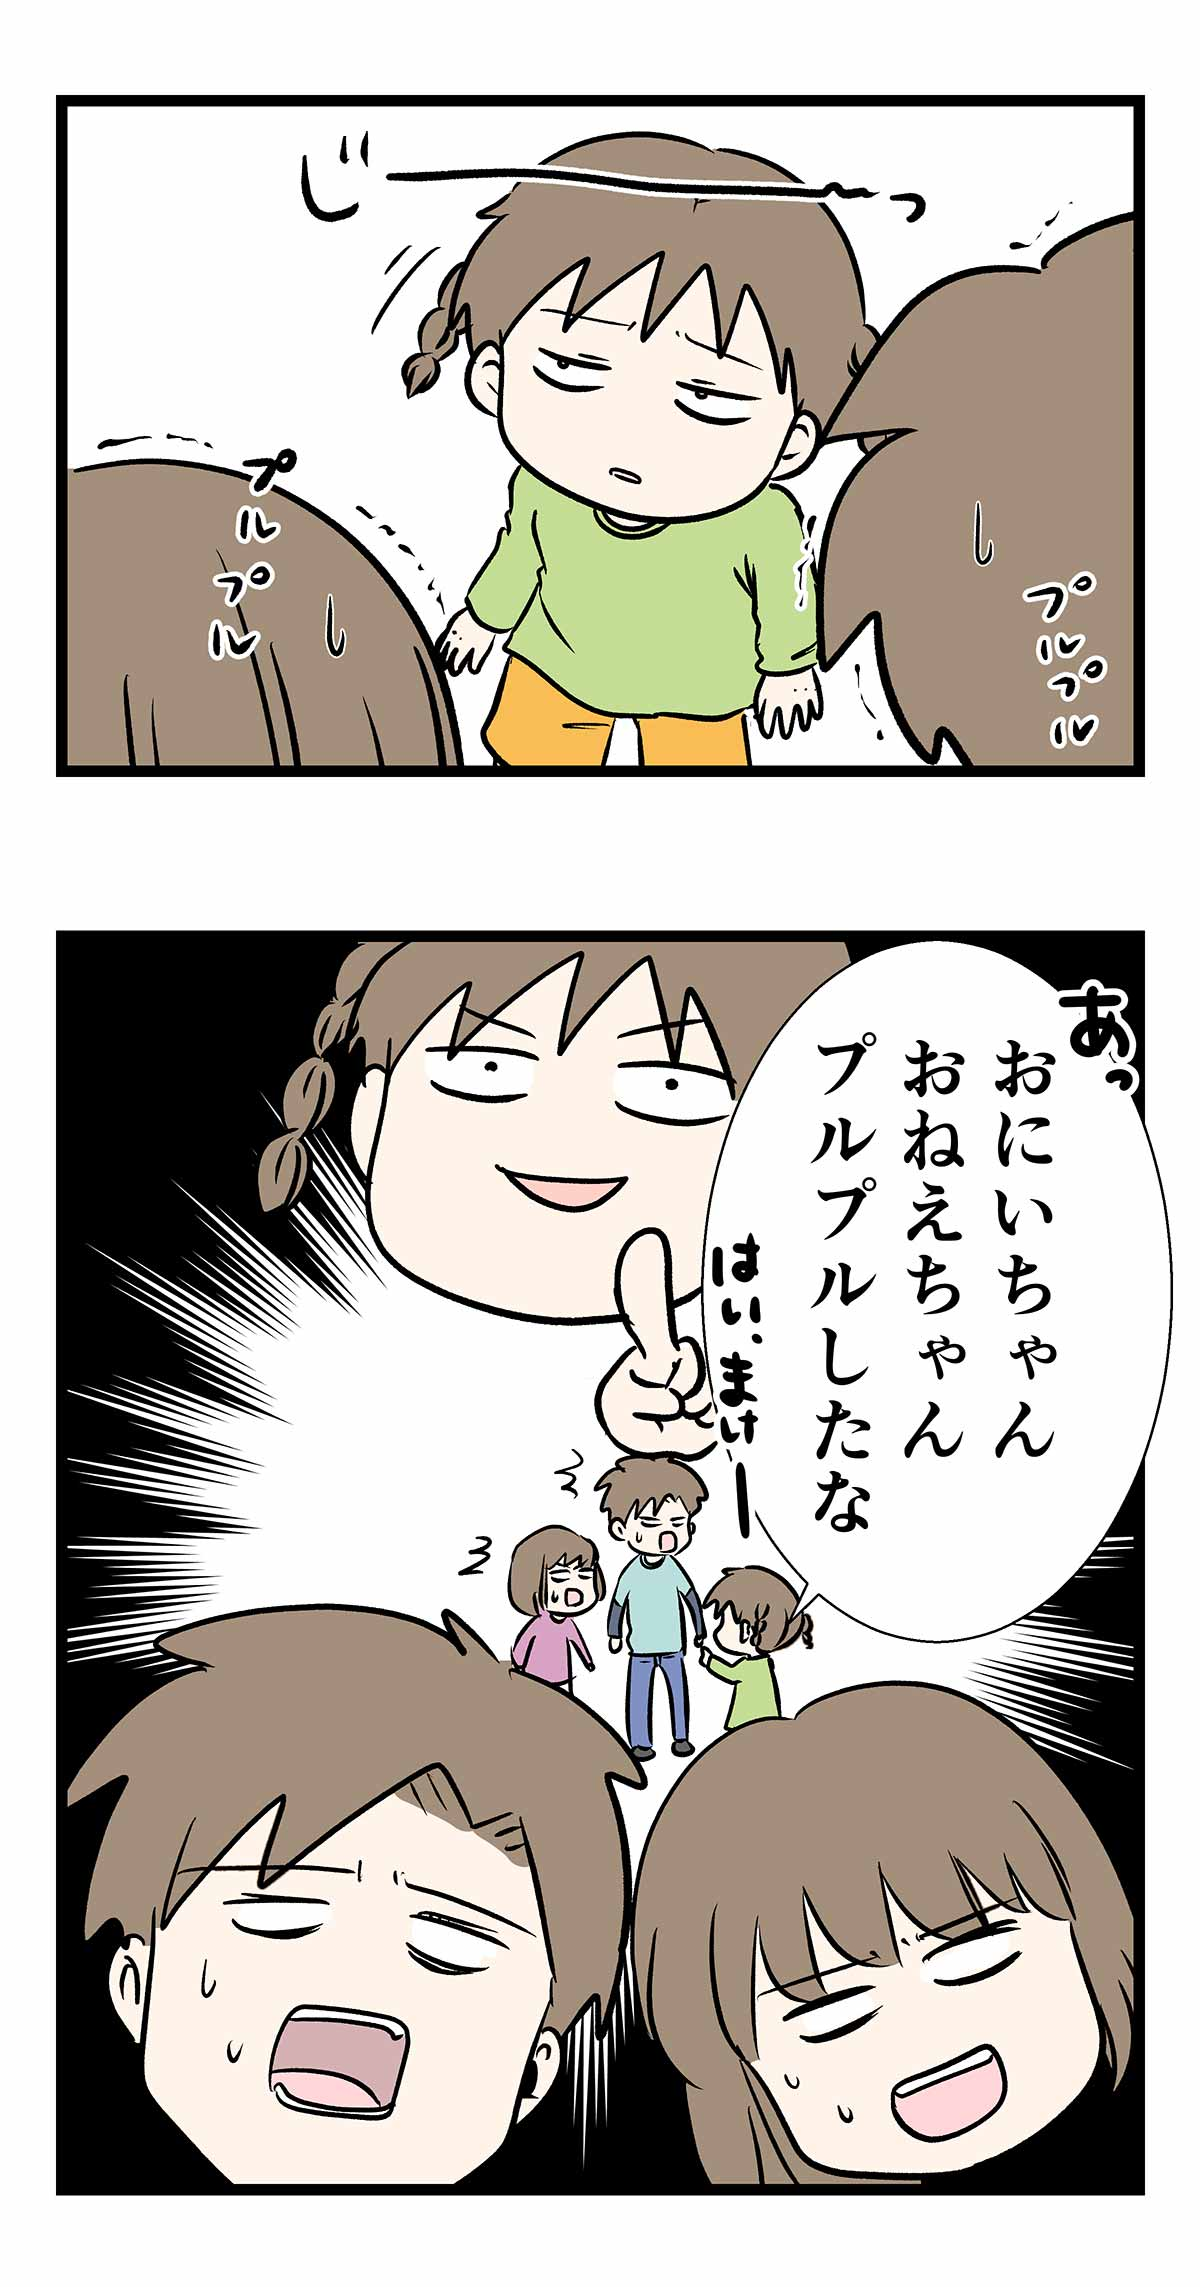 徳川家康タイプの娘